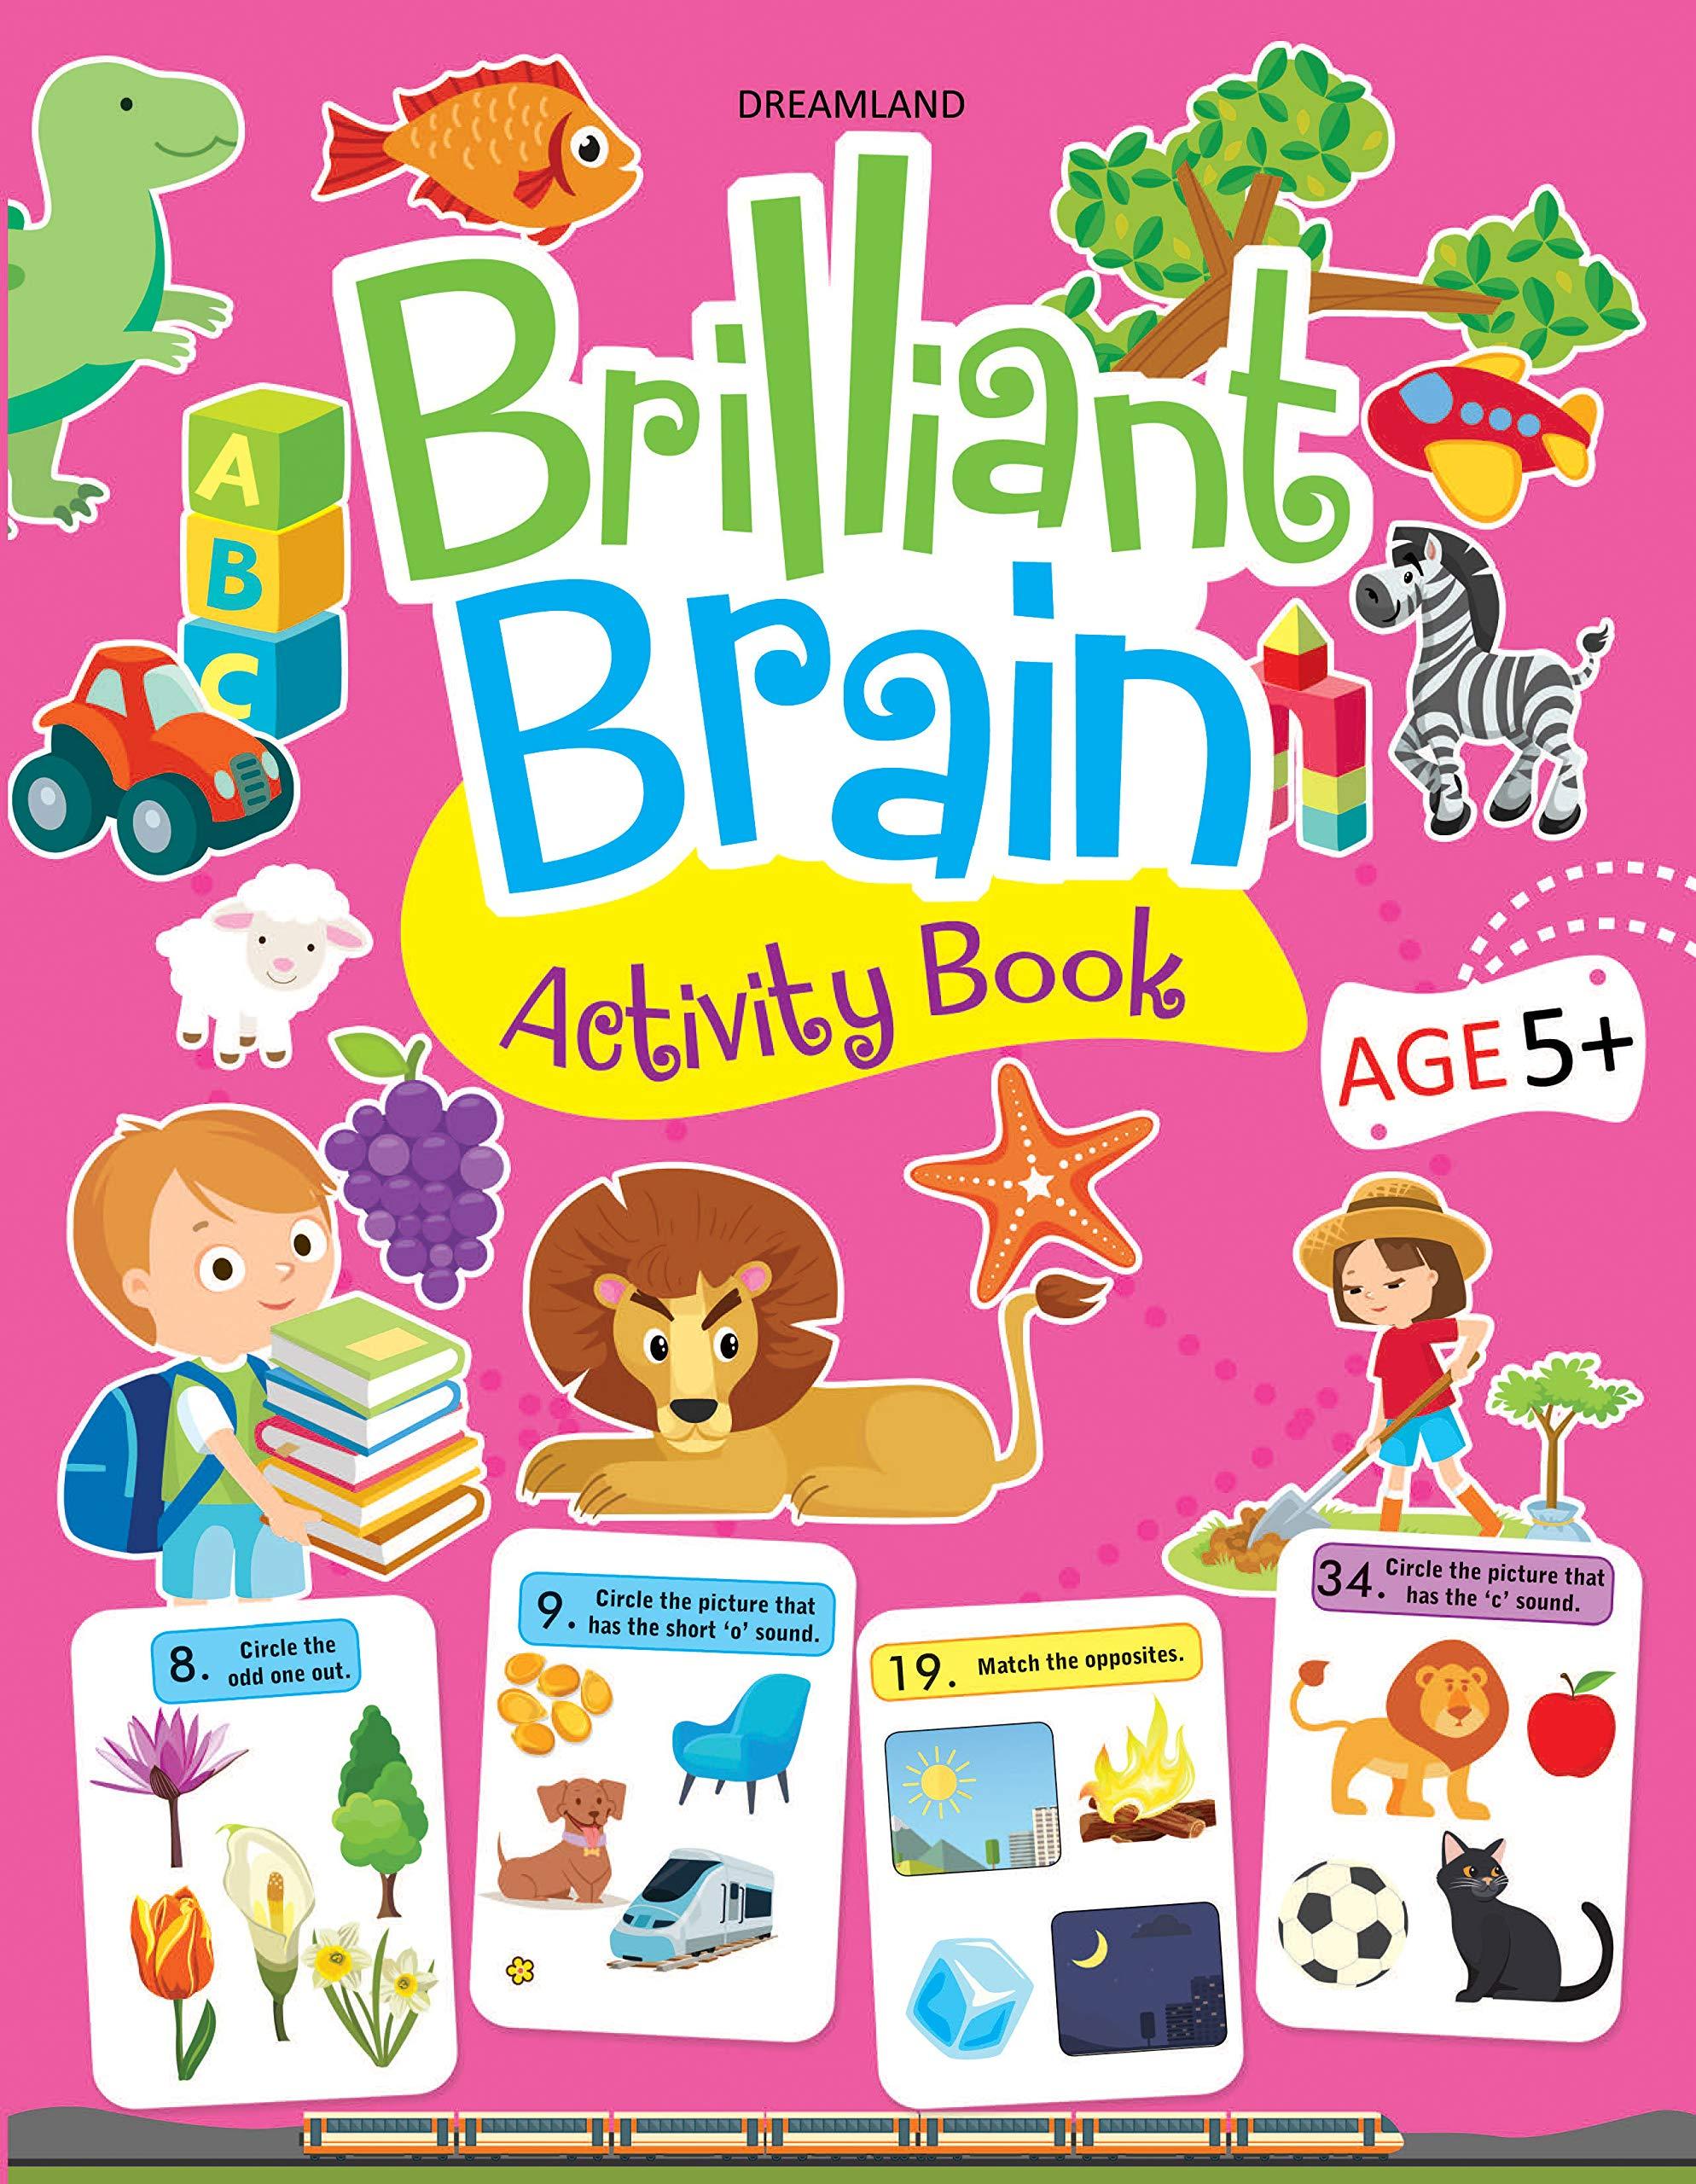 Brilliant Brain Activity Book (Age 5+)